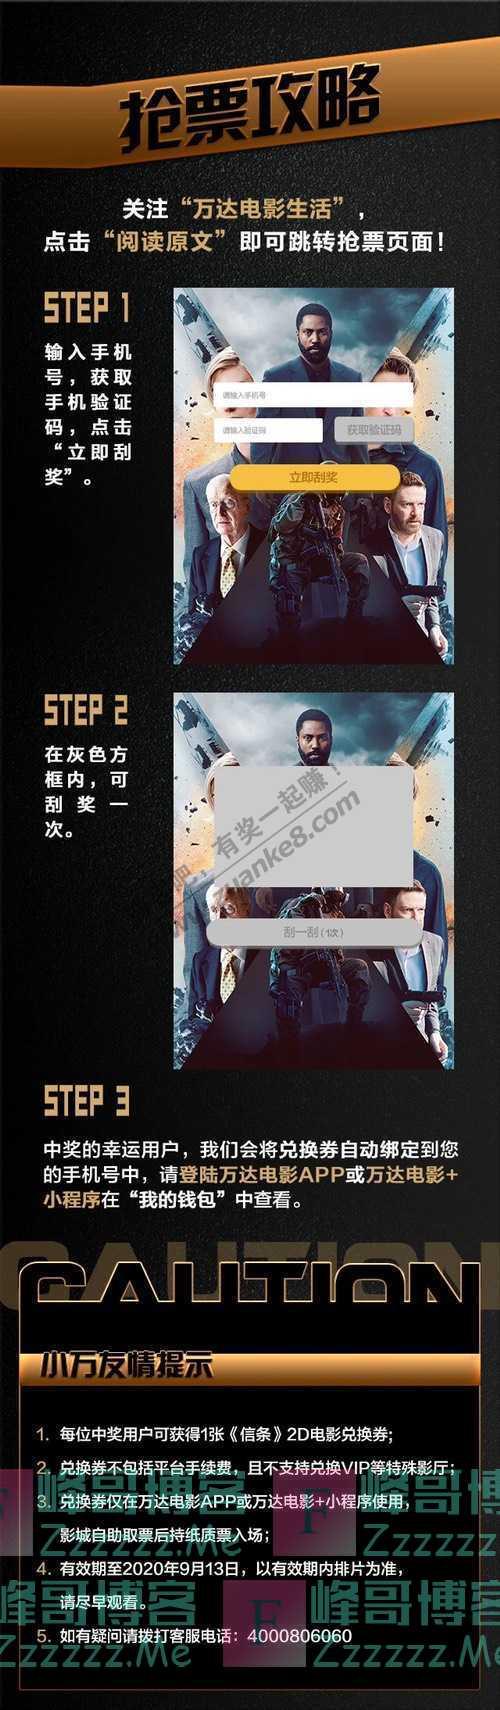 万达电影生活送票100张丨诺兰三连映,压台的《信条》最烧脑(截止不详)